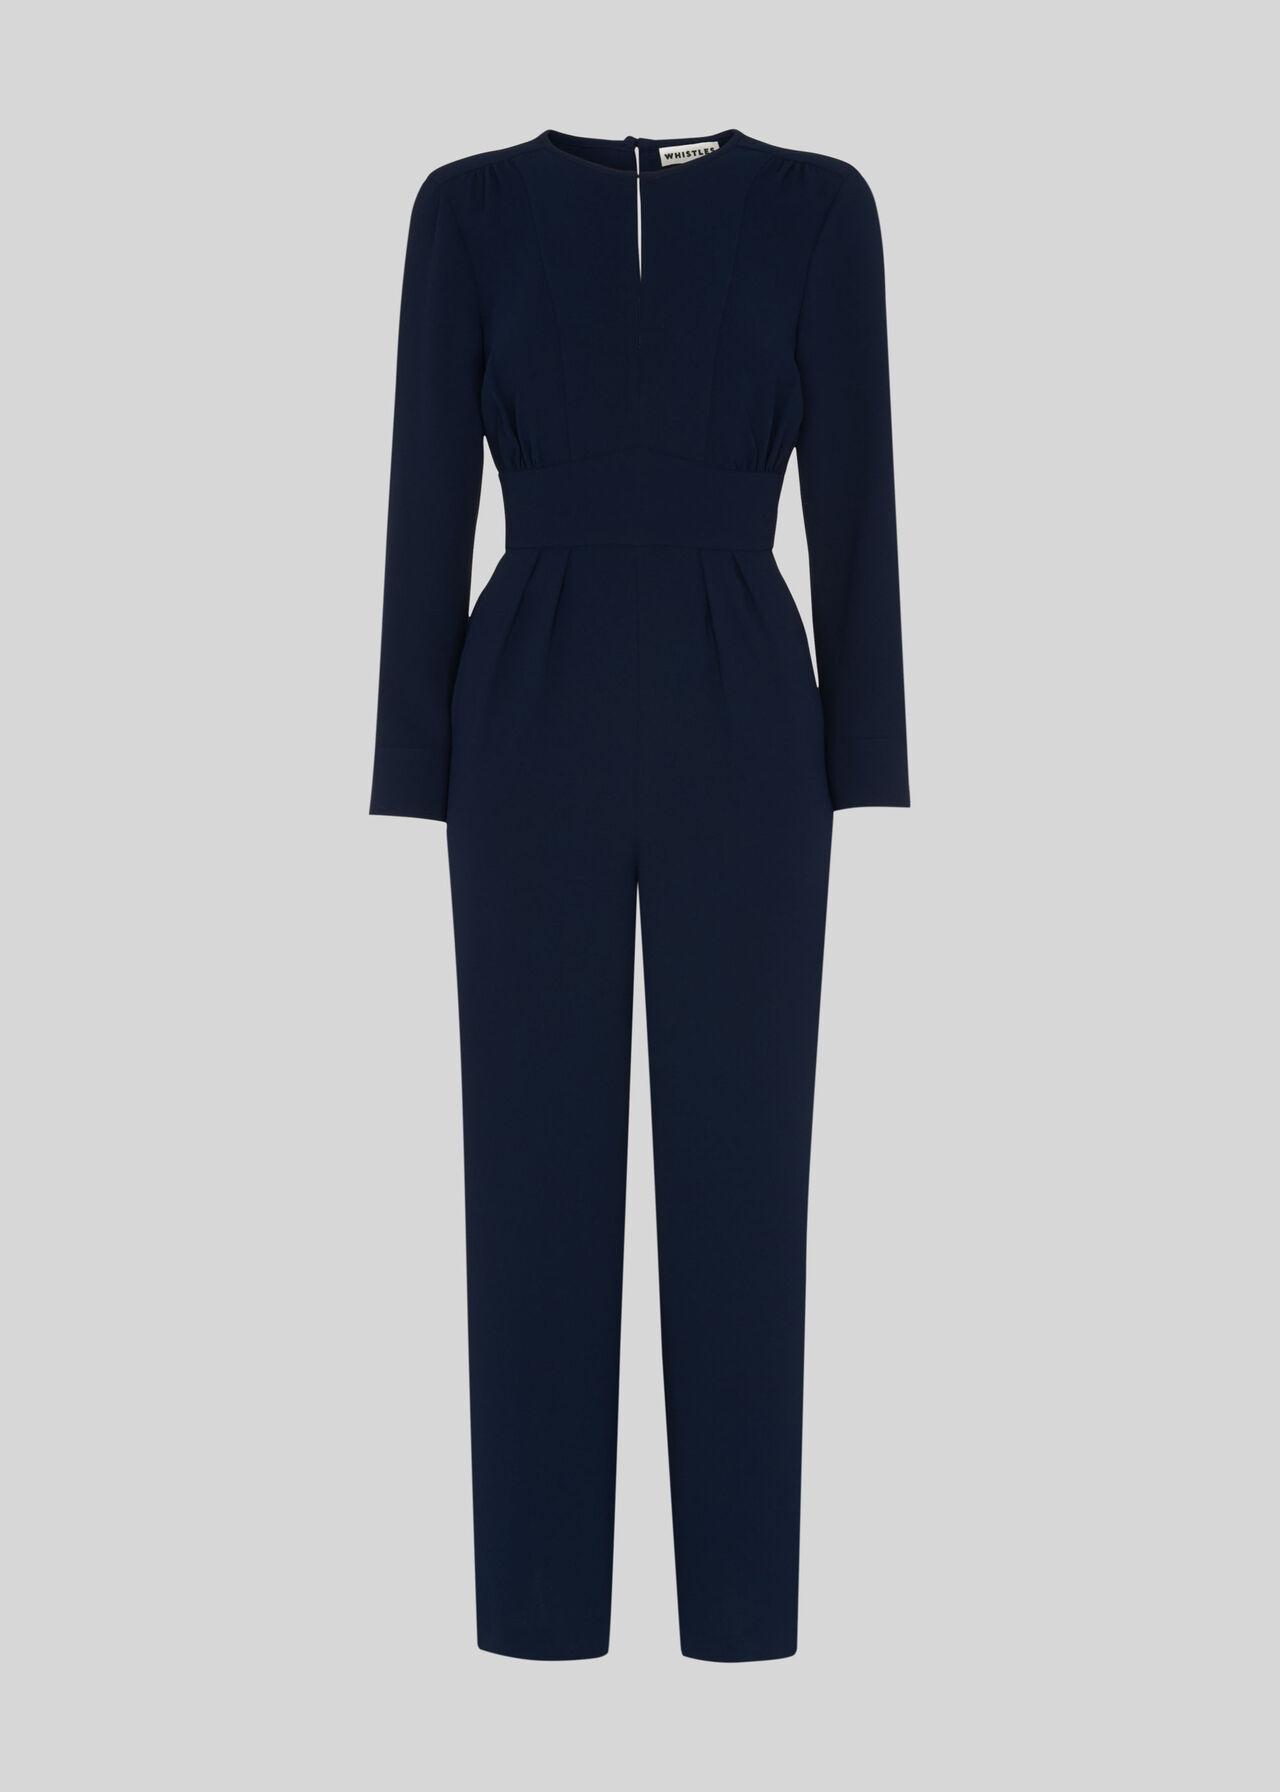 Petra Crepe Jumpsuit Navy